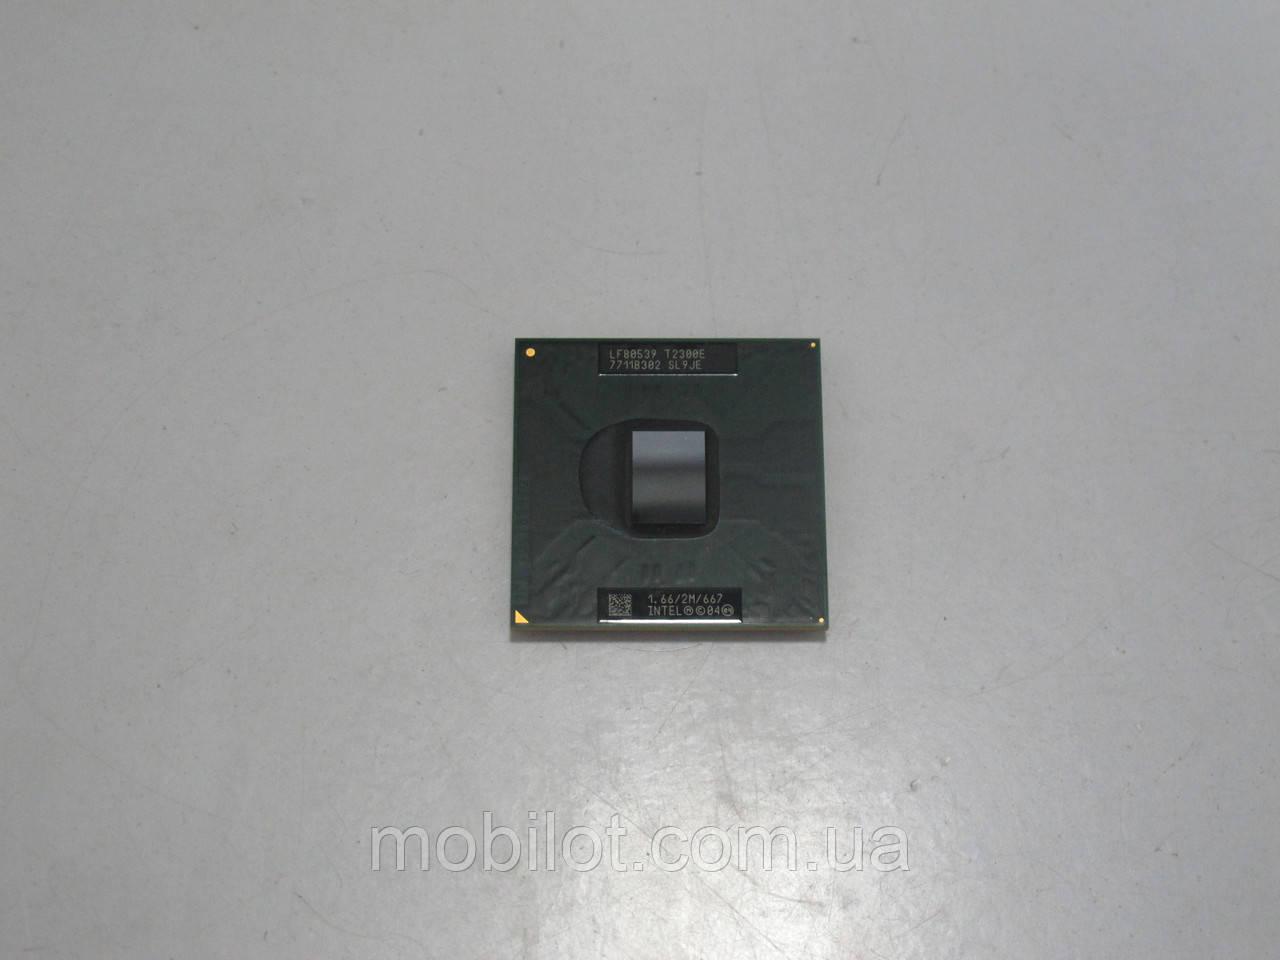 Процессор Intel Core Duo T2300E (NZ-6600)